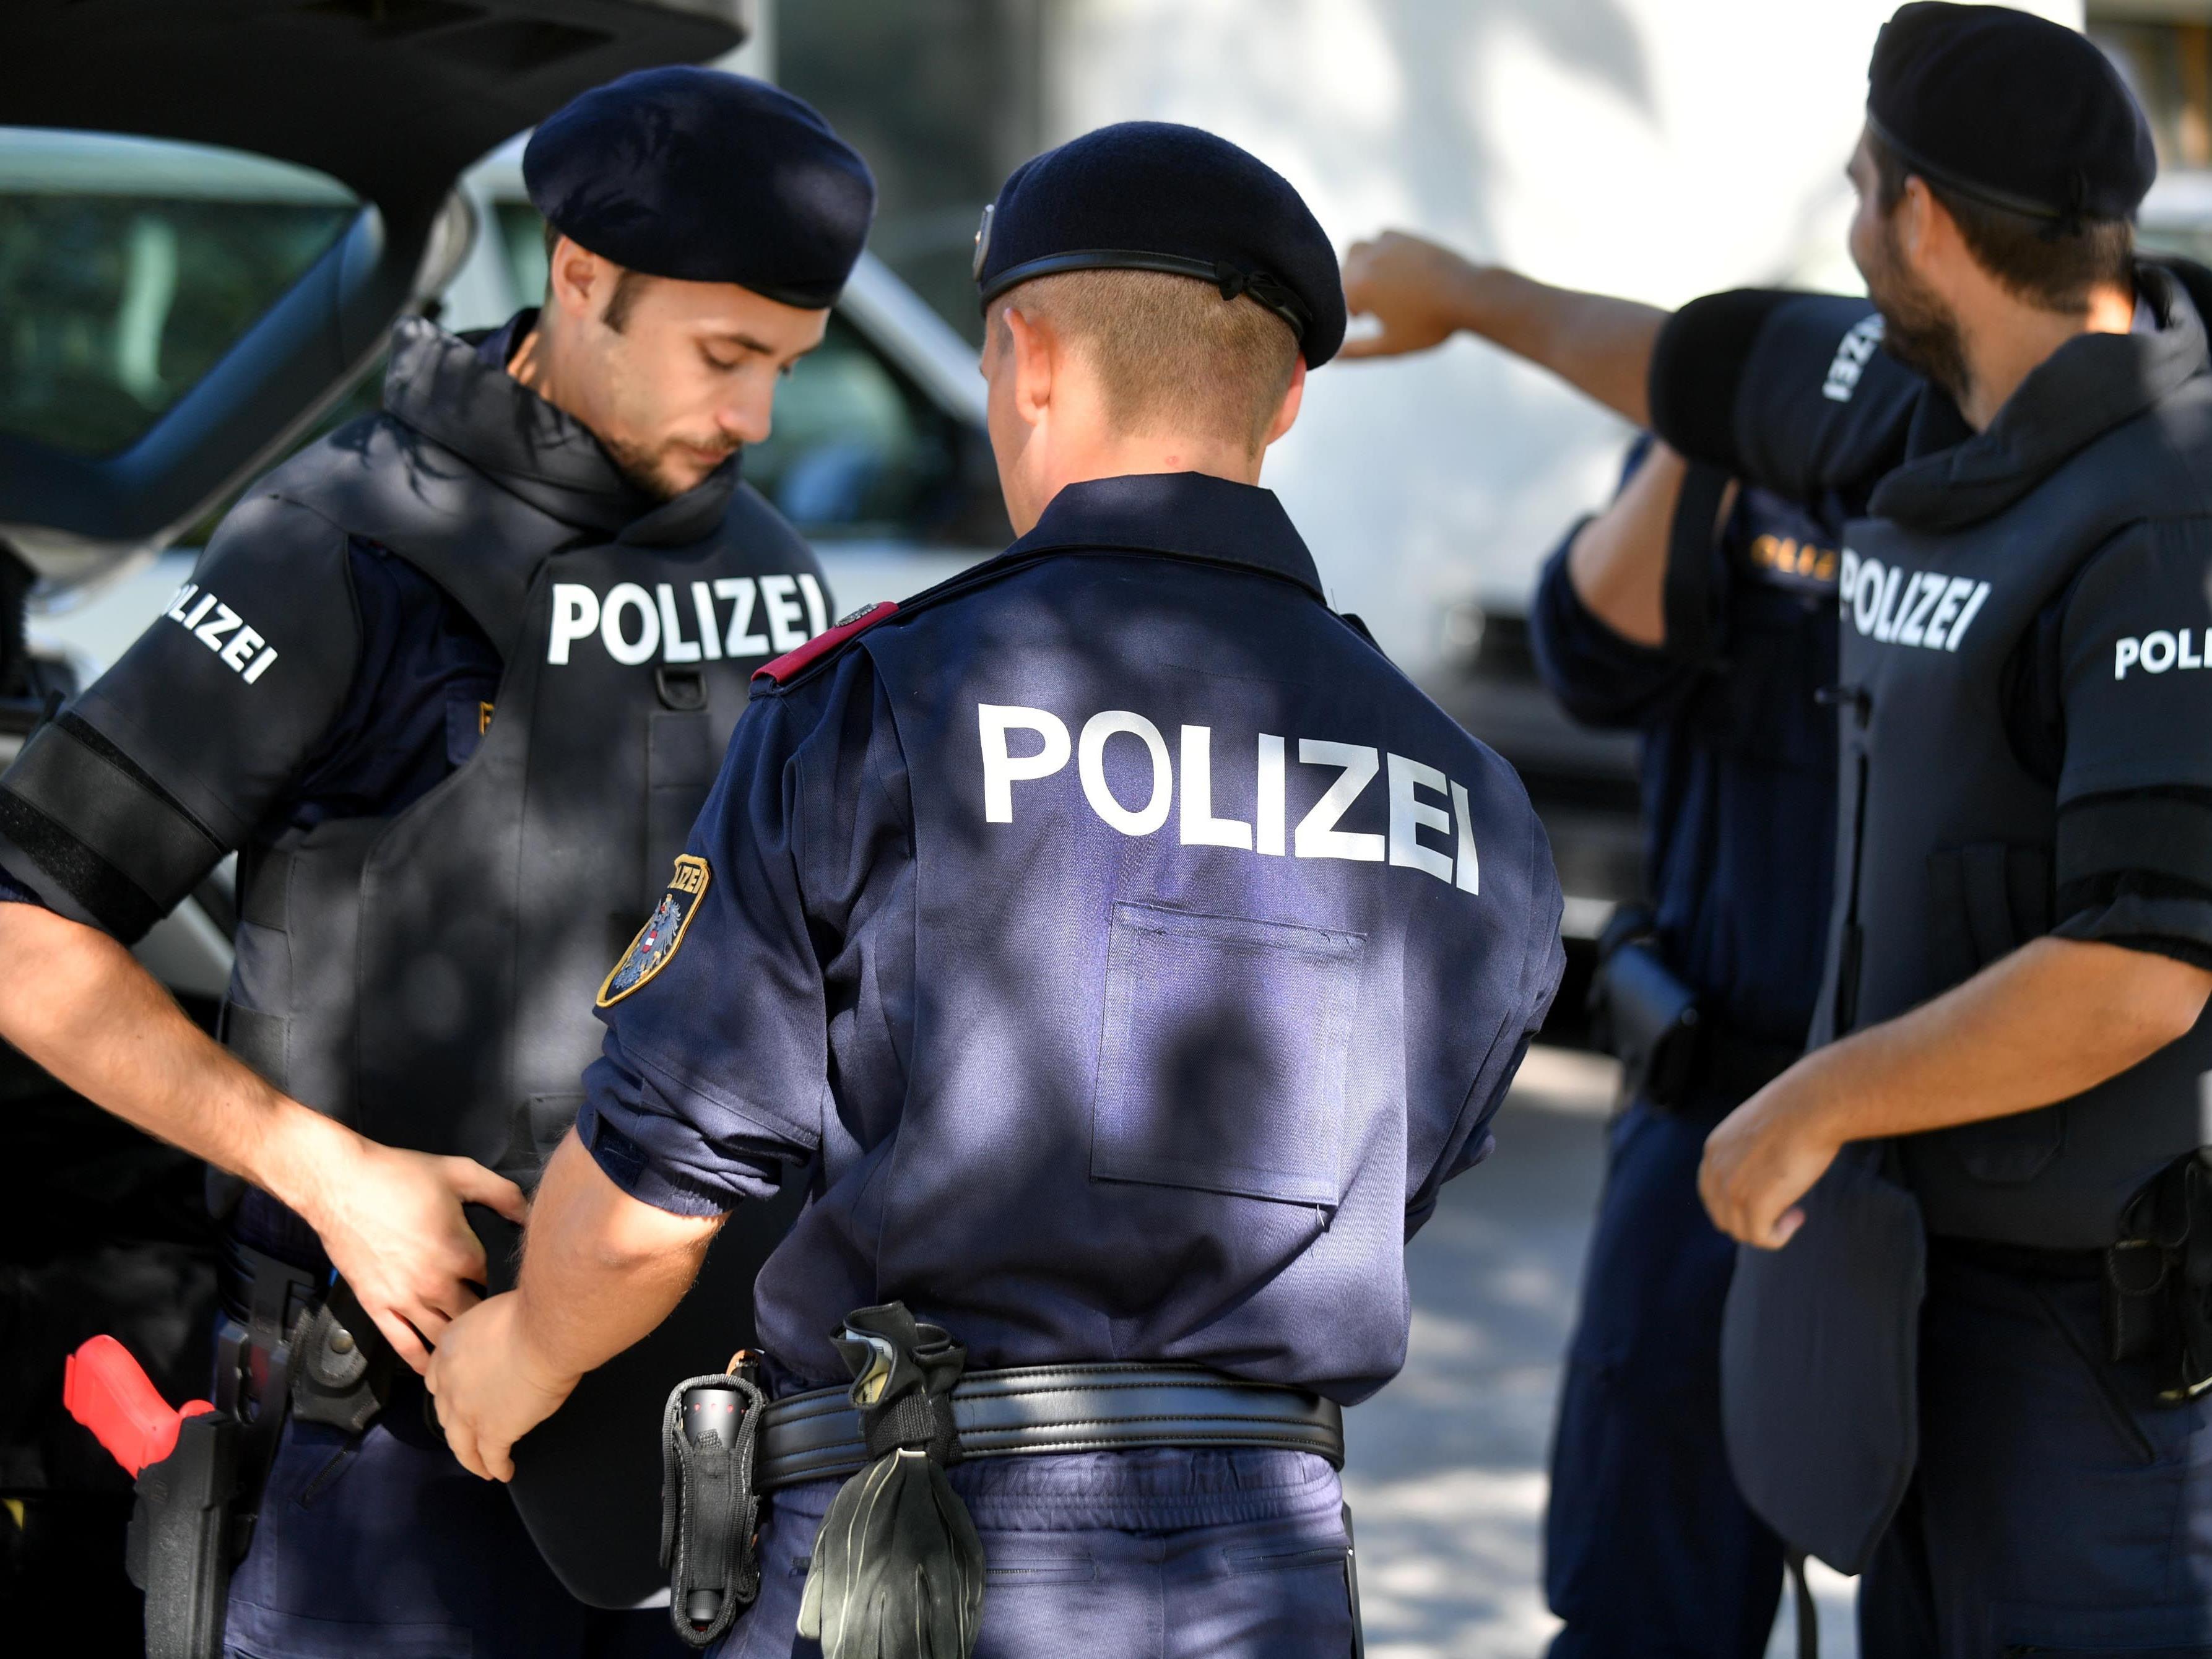 Der aggressive 27-Jährige wurde von der Polizei festgenommen.